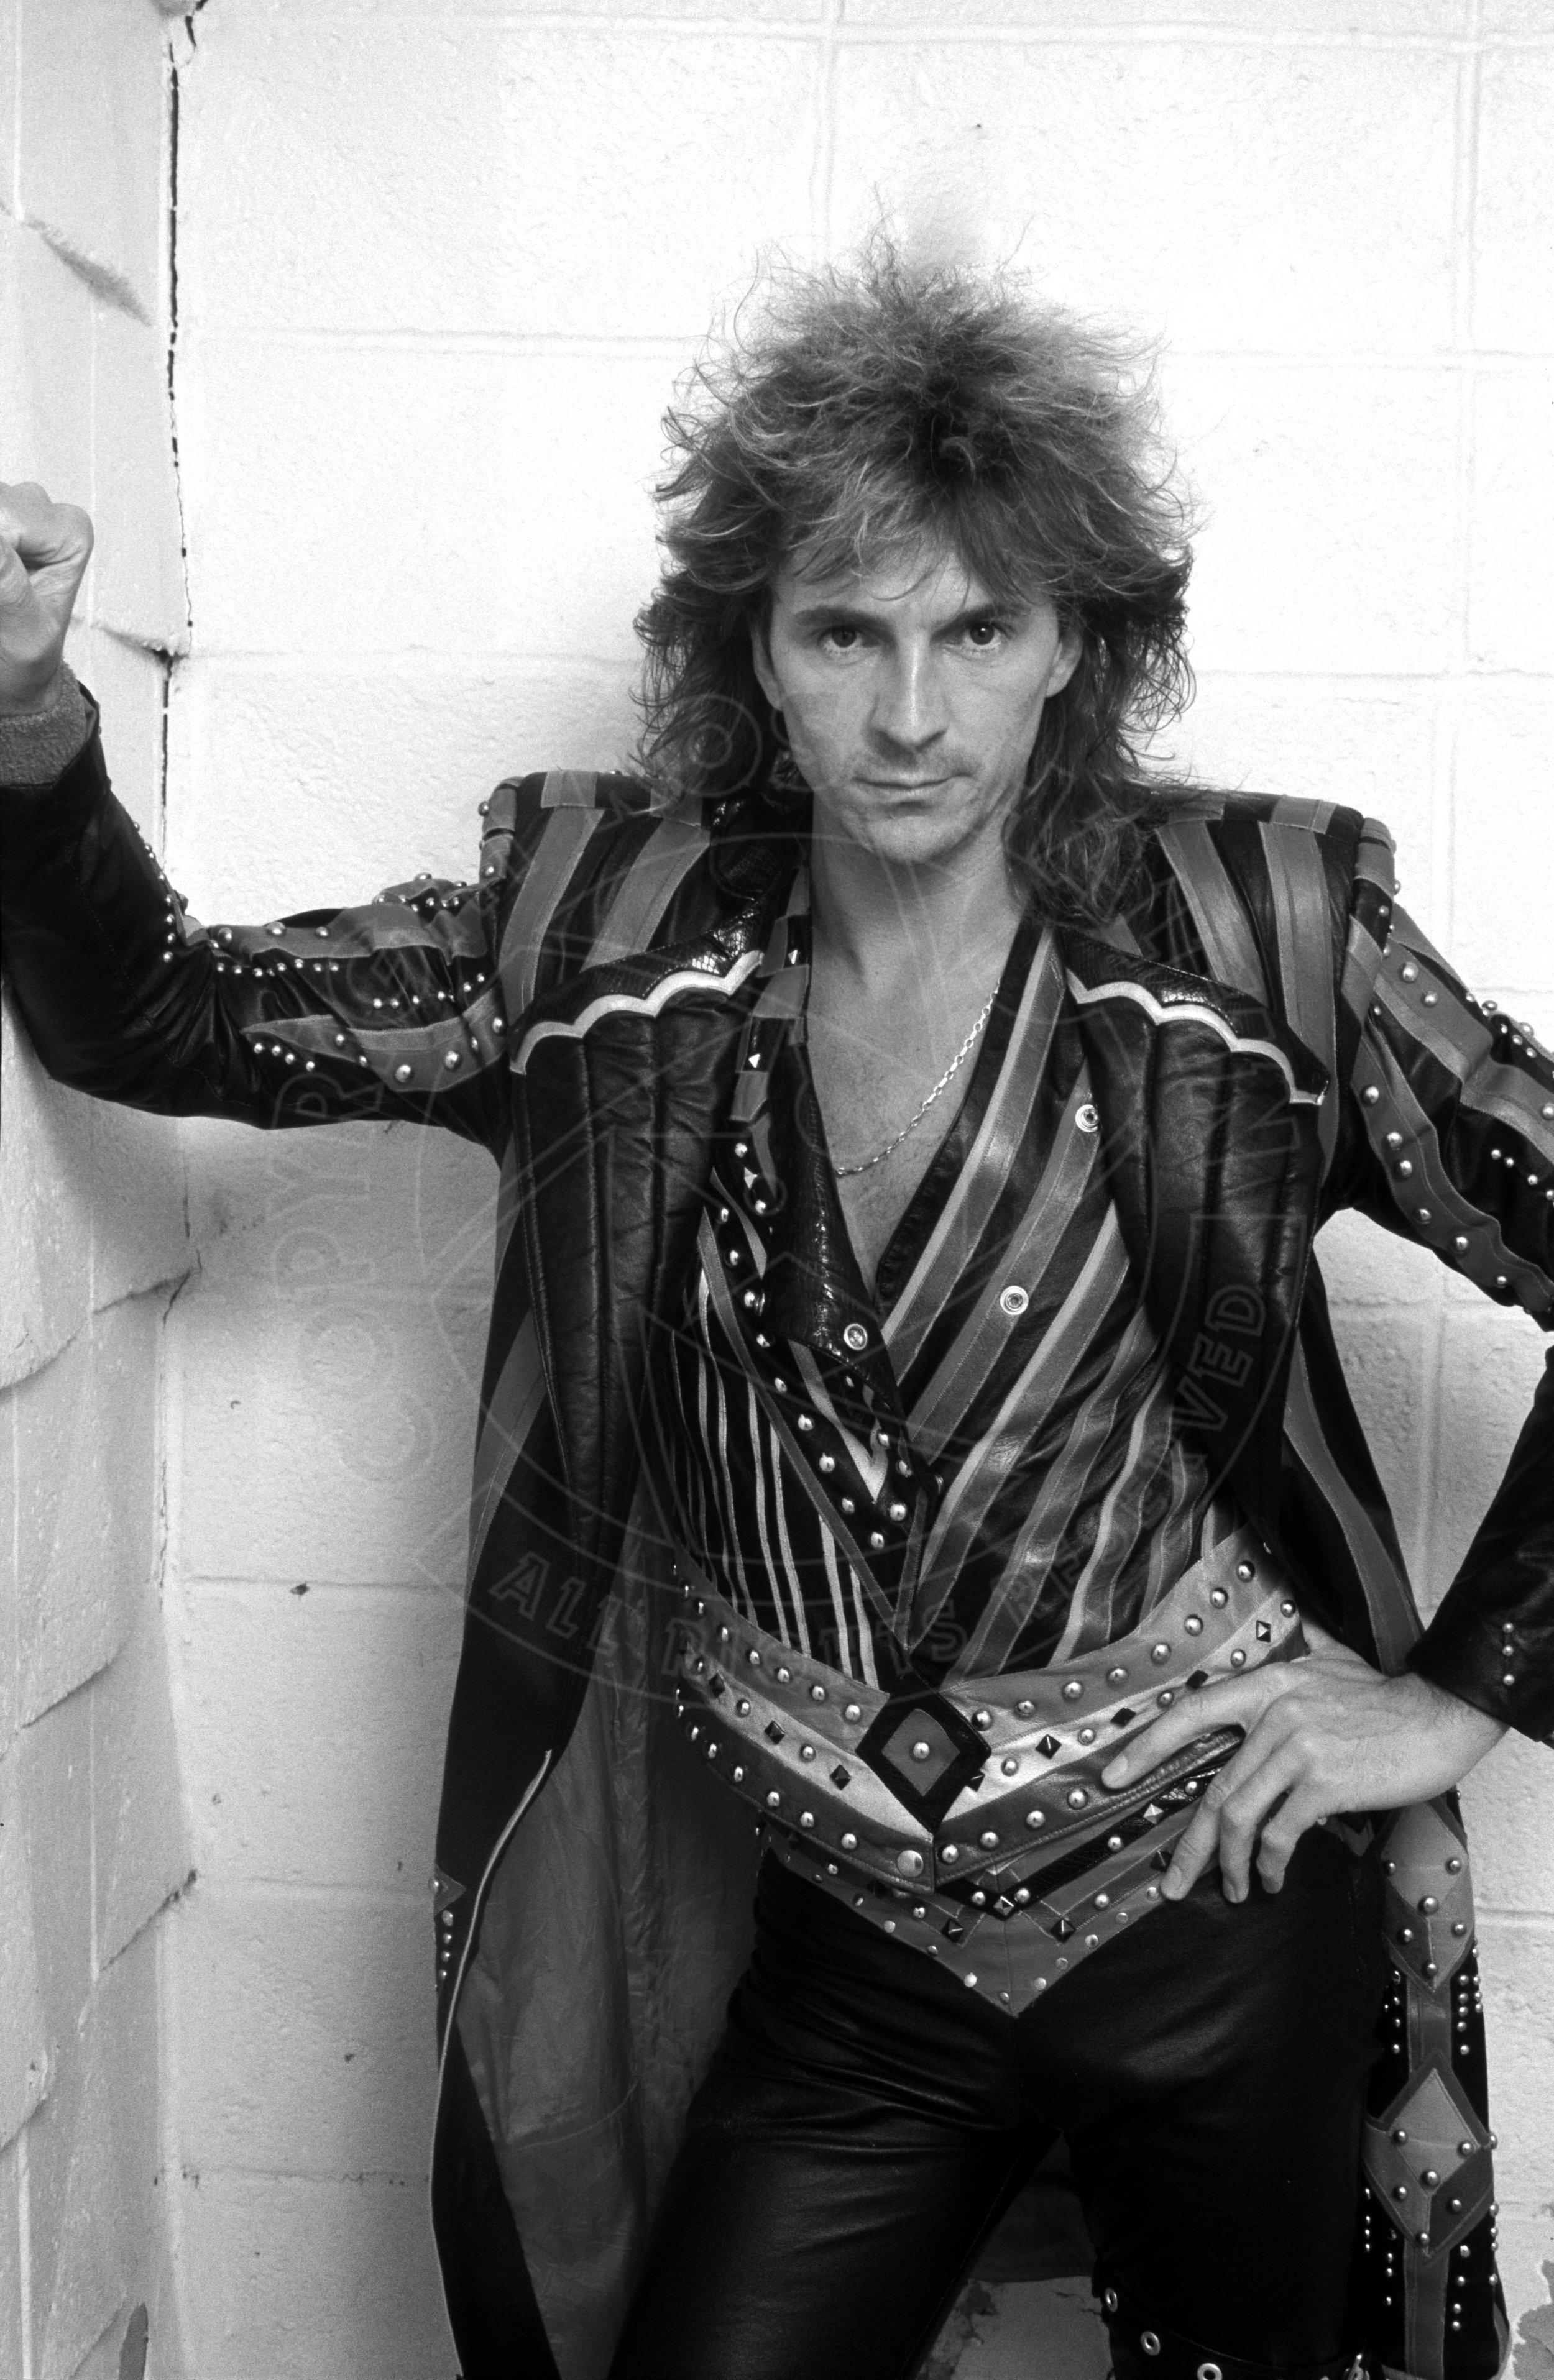 RH - Judas Priest 006.jpg